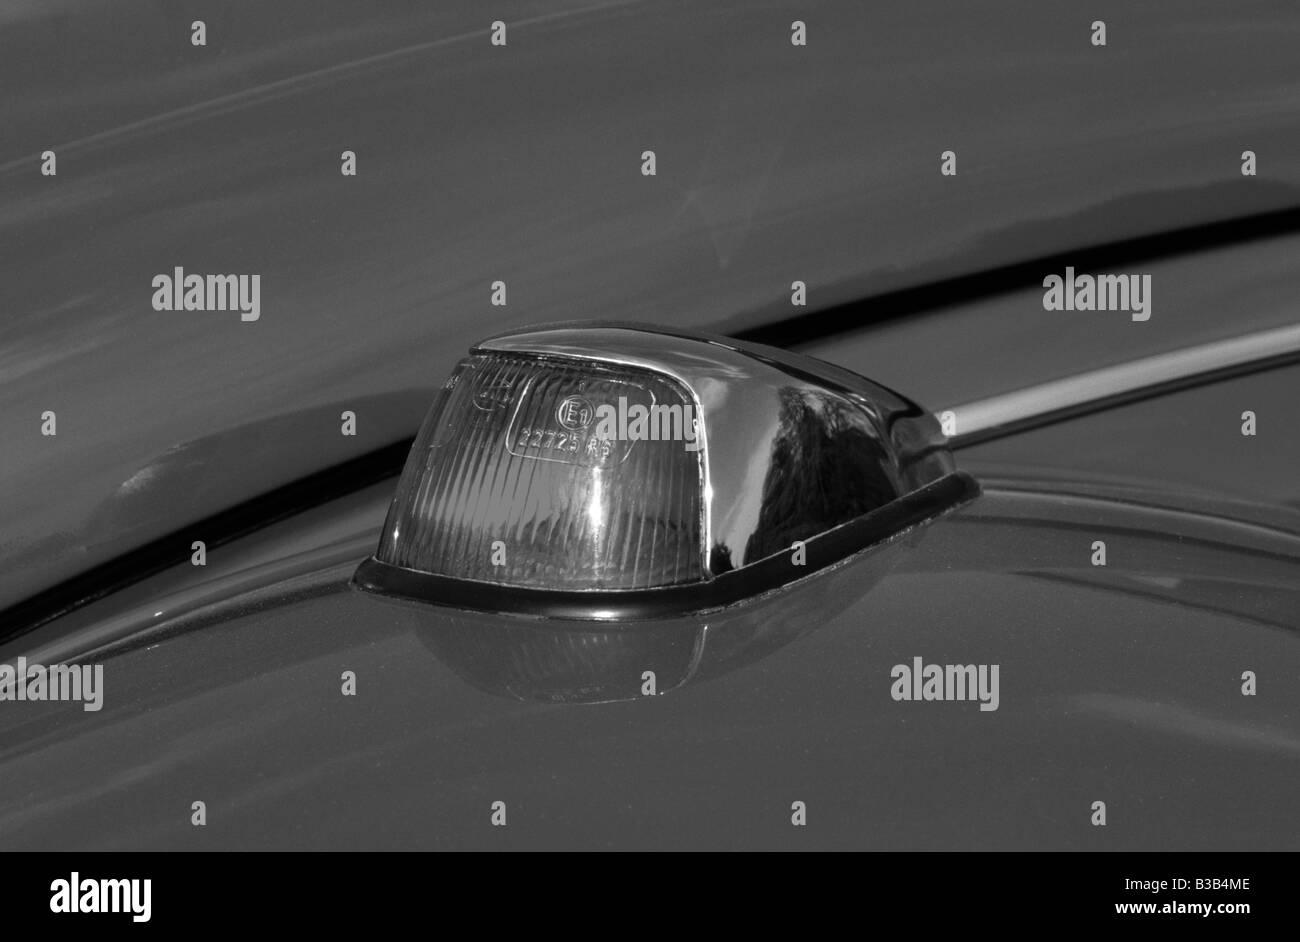 Volkswagen Beetle 1500. - Stock Image